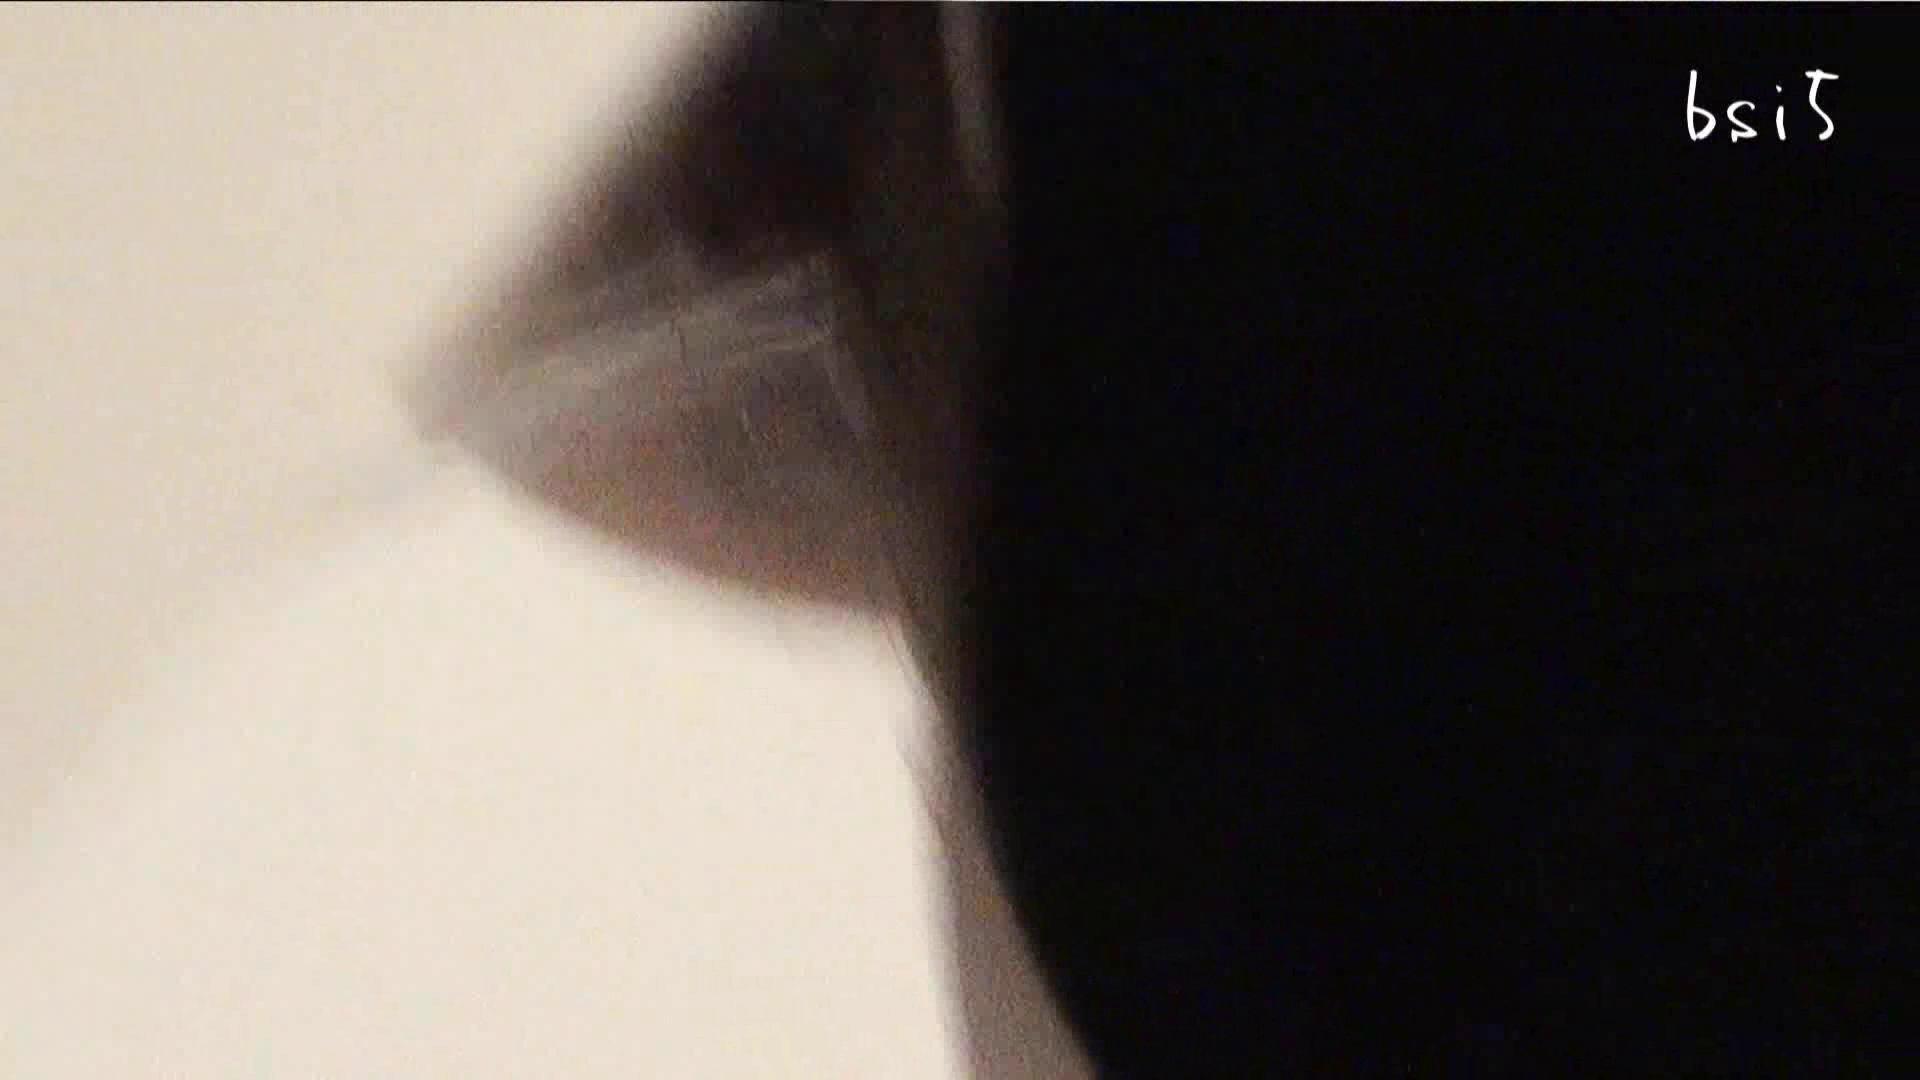 ナースのお小水 vol.005 ナース   ぱっくり下半身  56画像 37